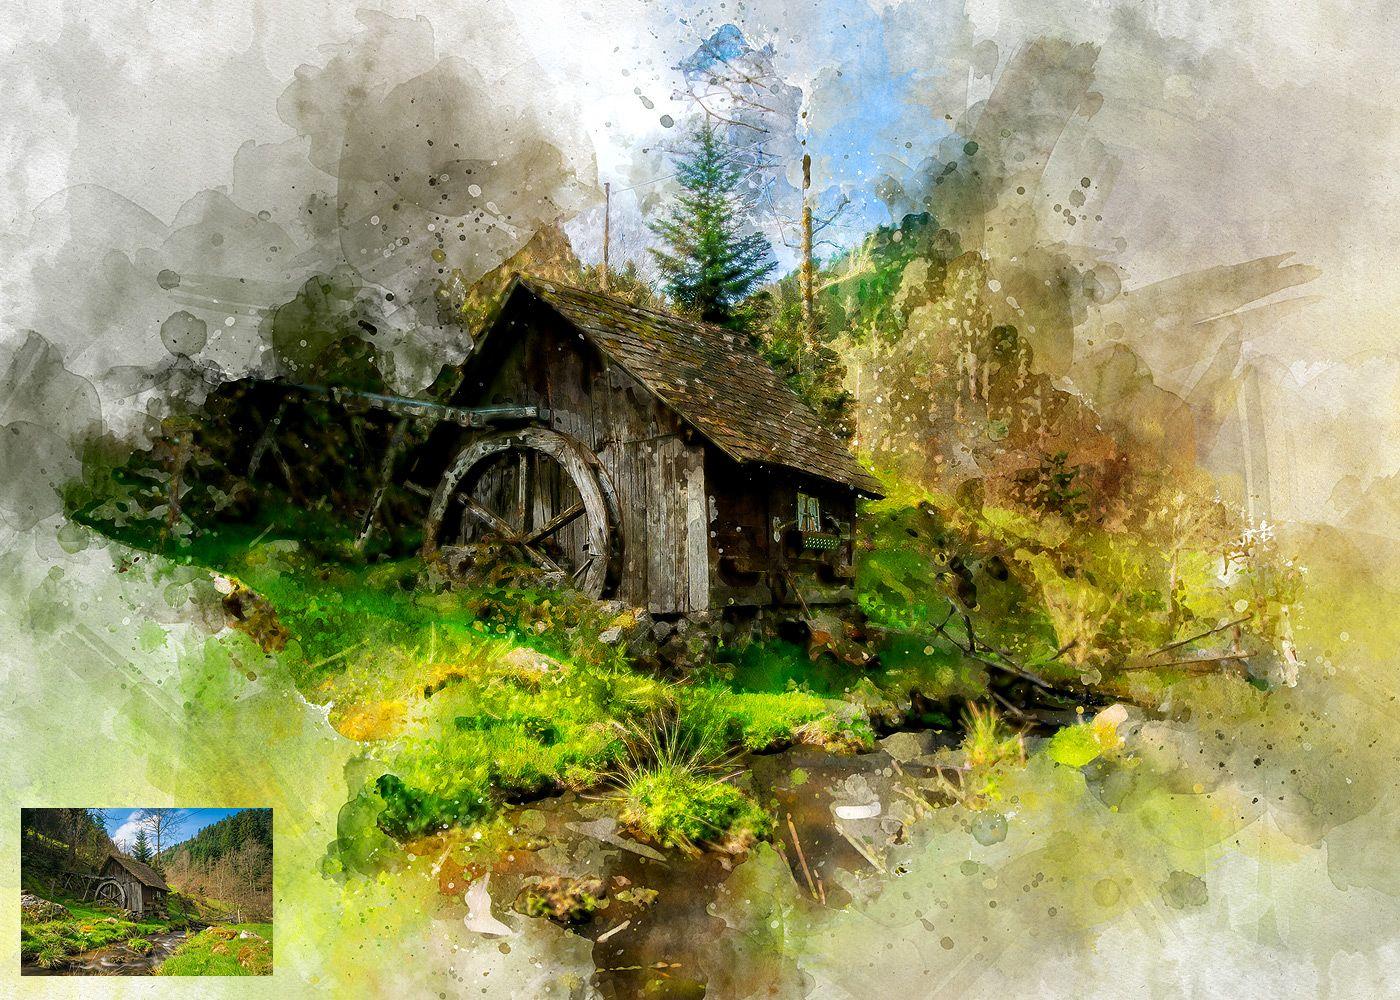 Watercolor Artist Perfectum 2 Photoshop Action Photoshop